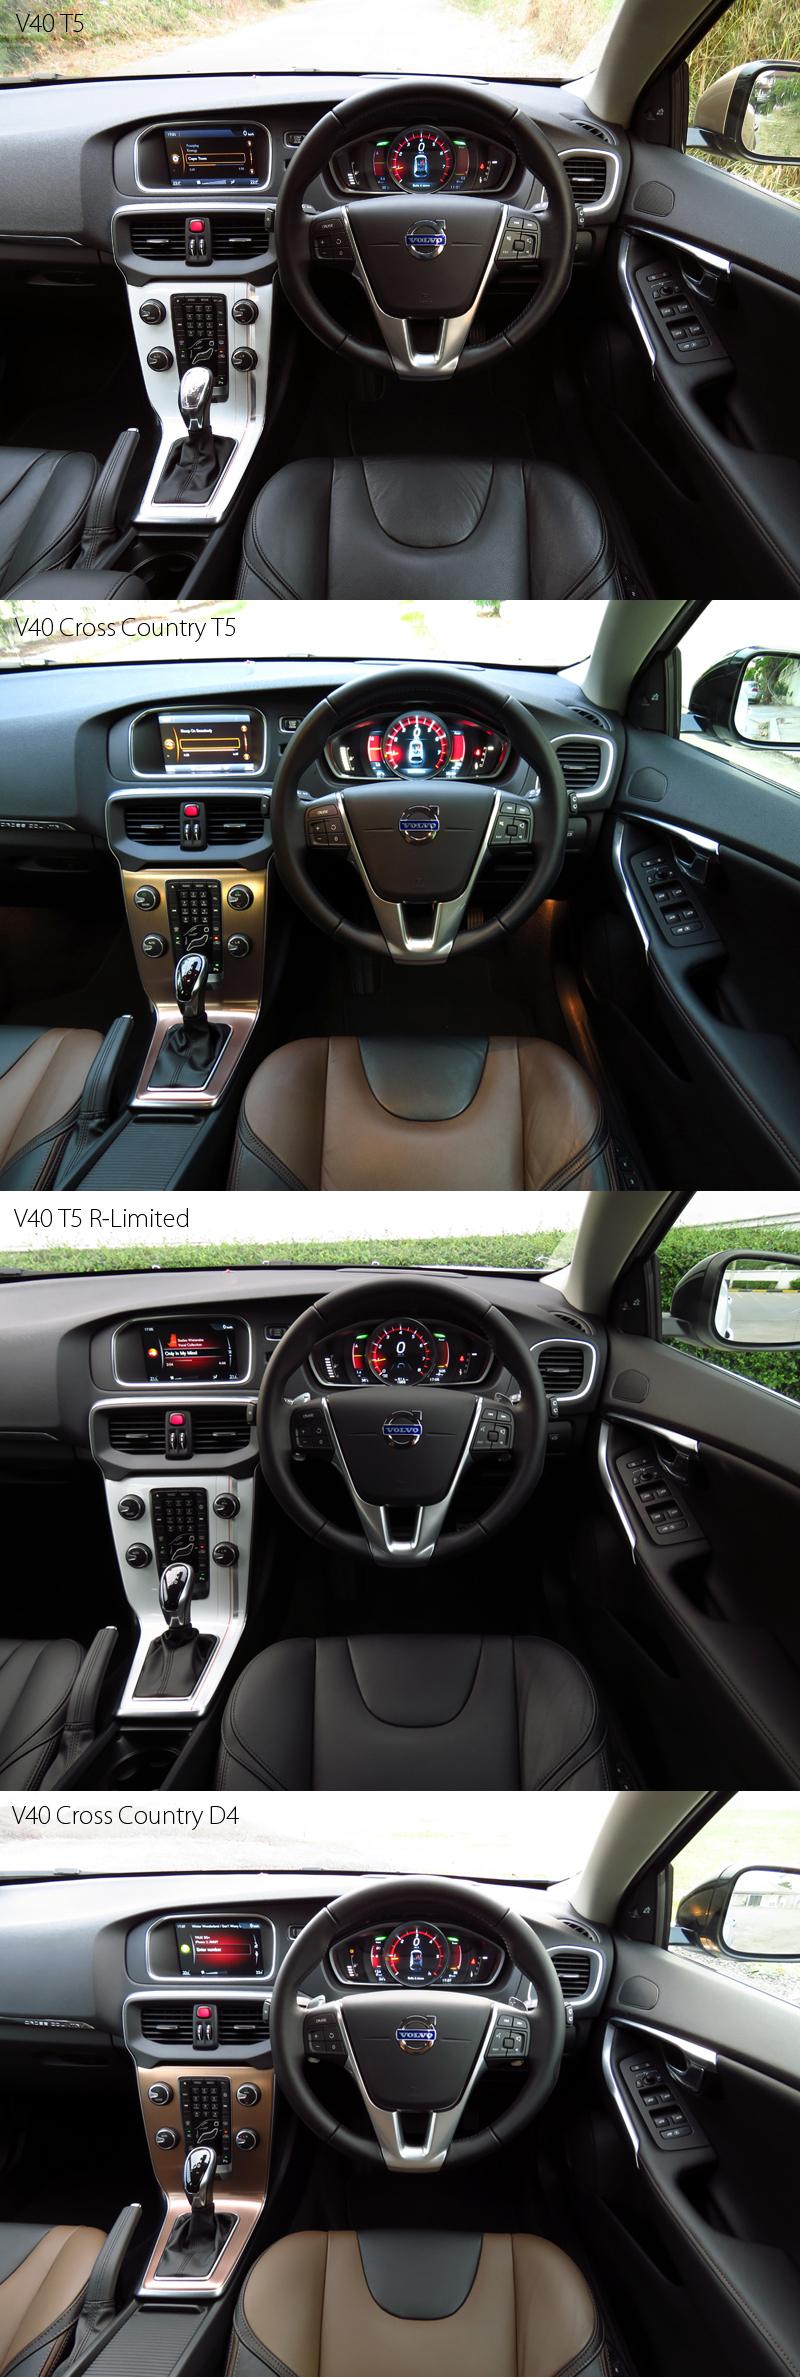 2014_Volvo_V40_Interior_11